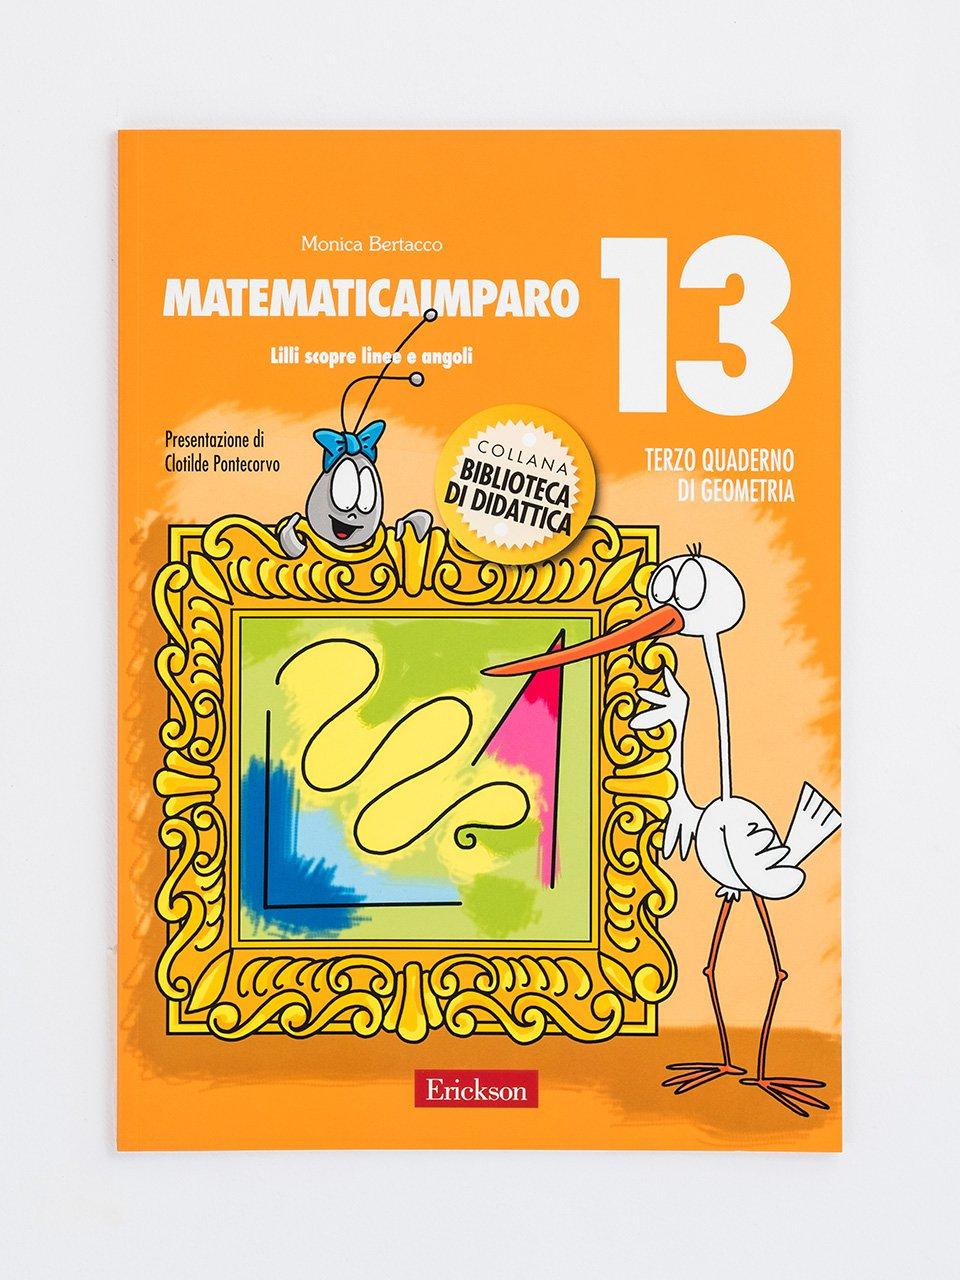 MatematicaImparo 13 - MatematicaImparo 10 - Libri - Erickson